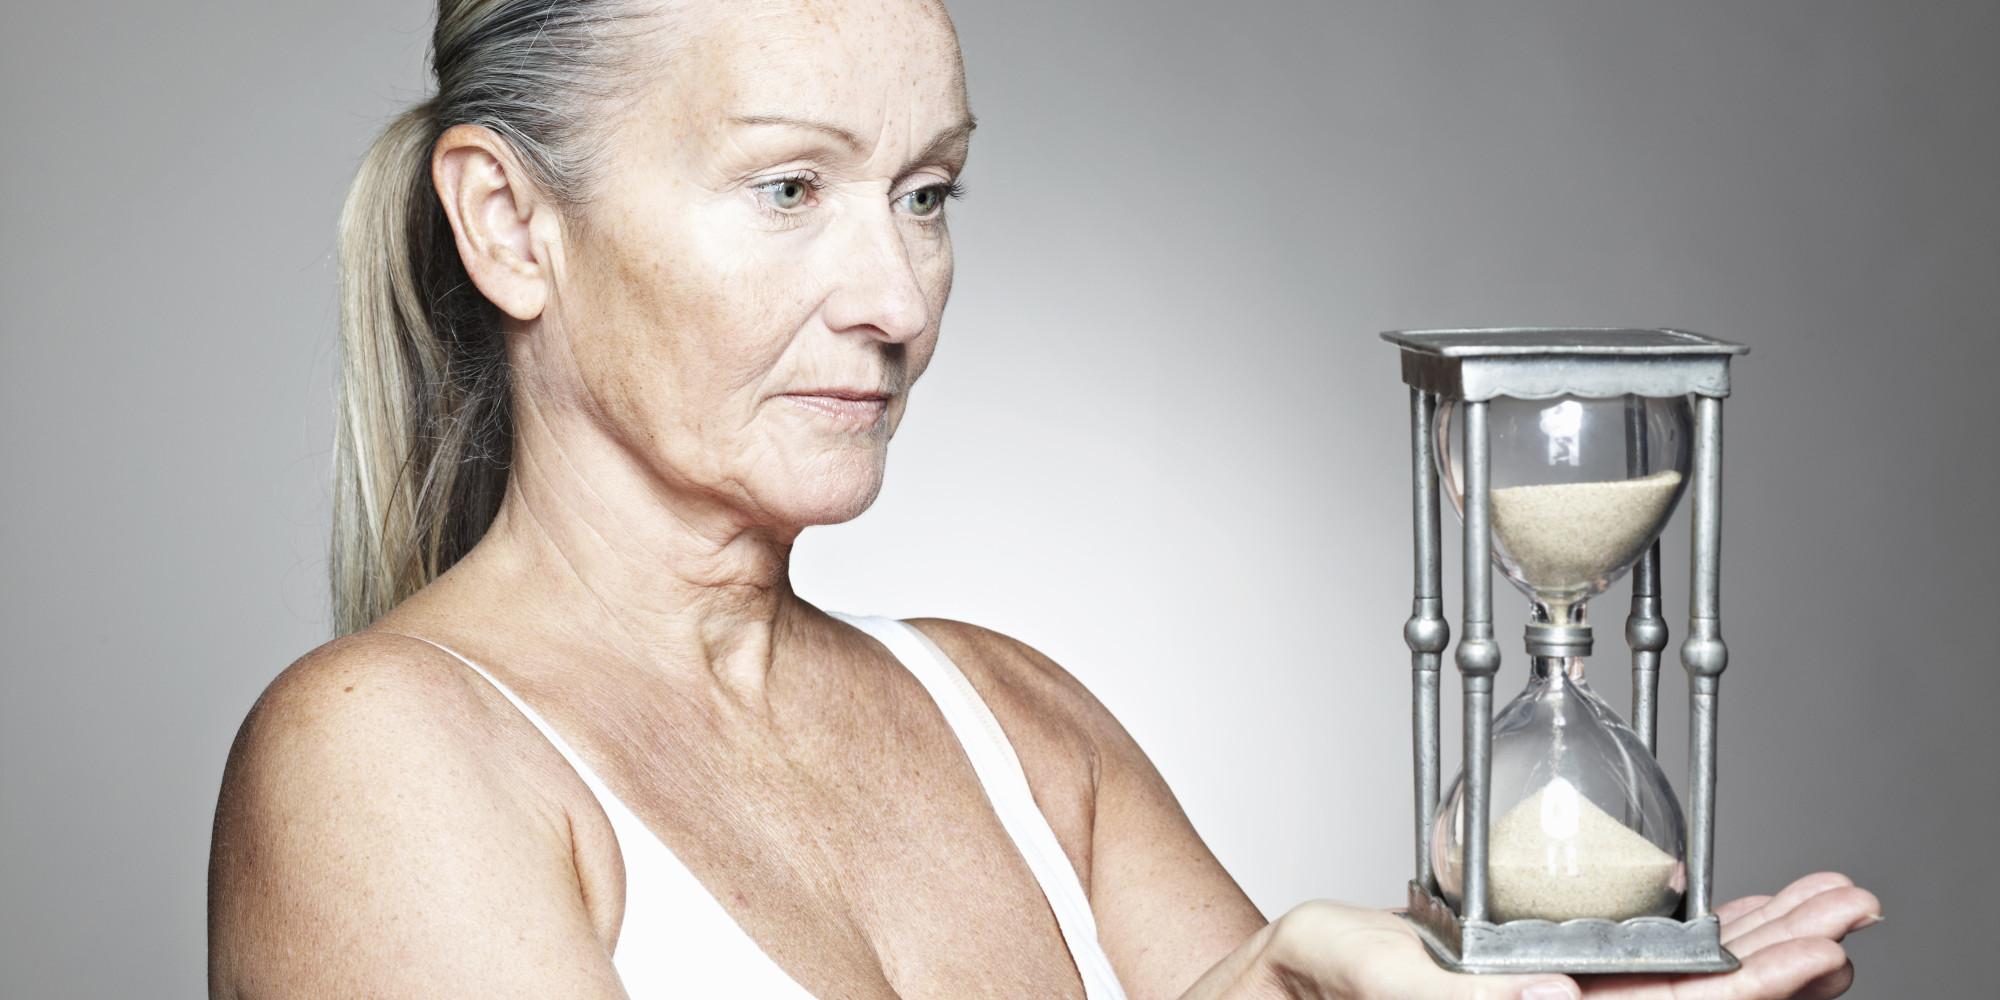 Преждевременное старение: 5 самых распространенных причин